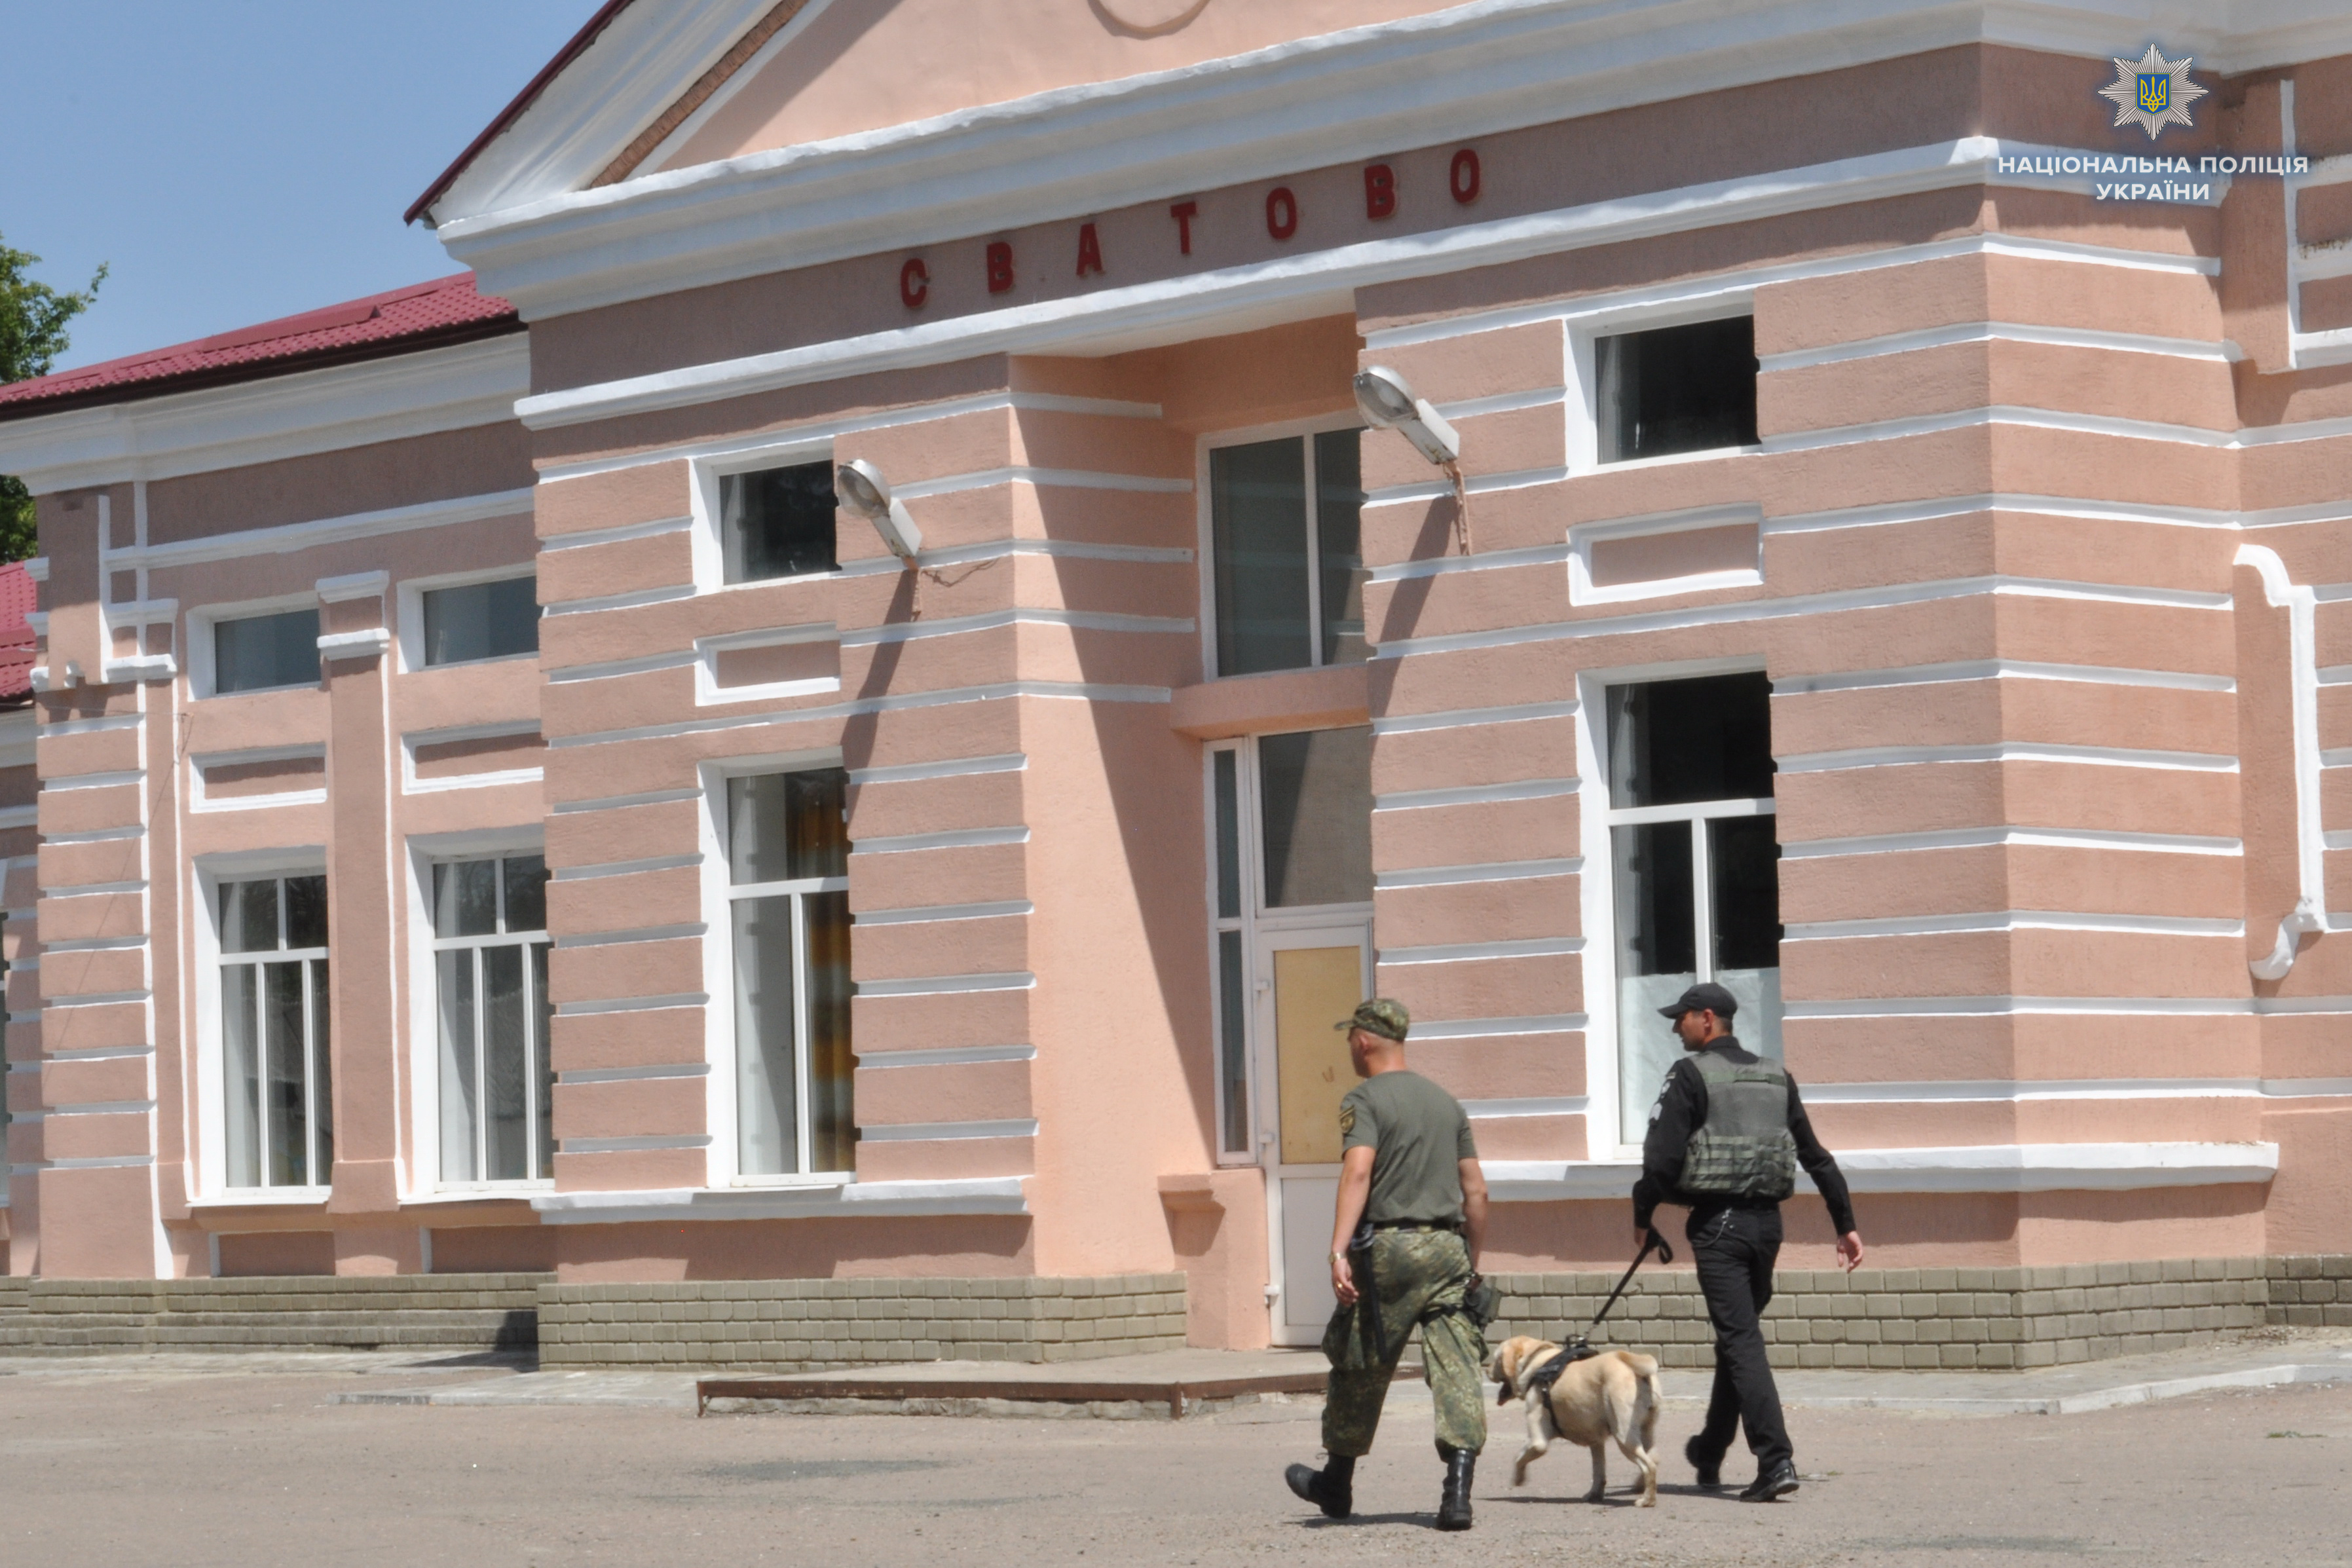 Полиции 7 раз пришлось искать ложные бомбы в городах Луганщины